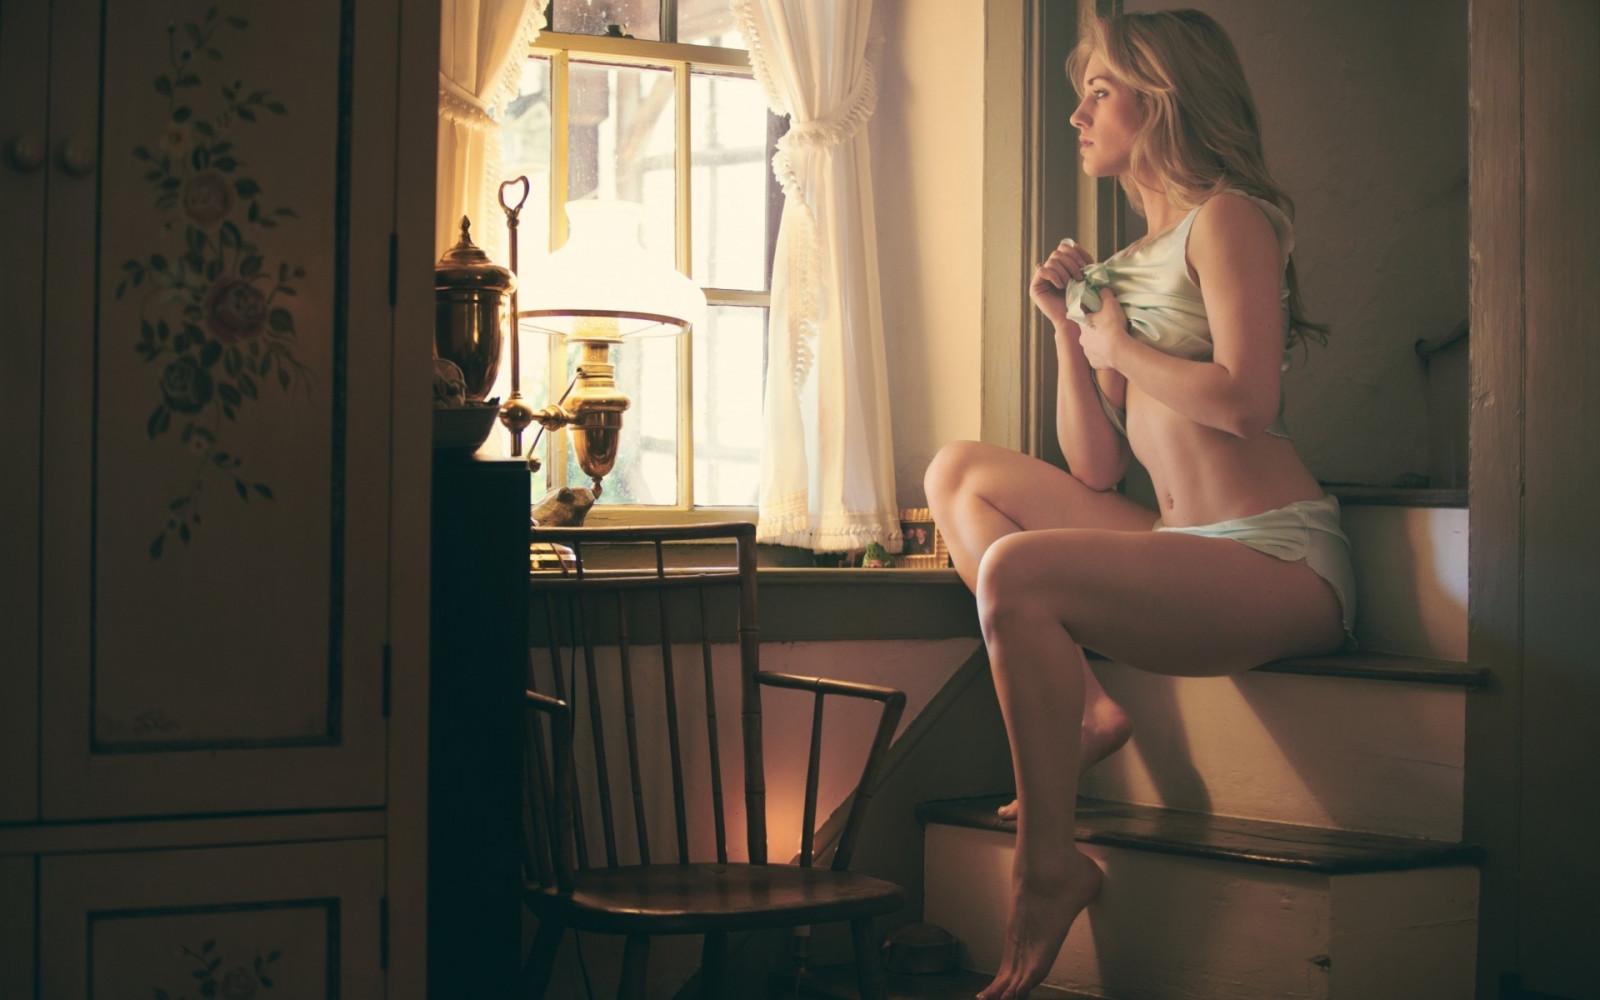 Девушка сидящая на подоконнике фото